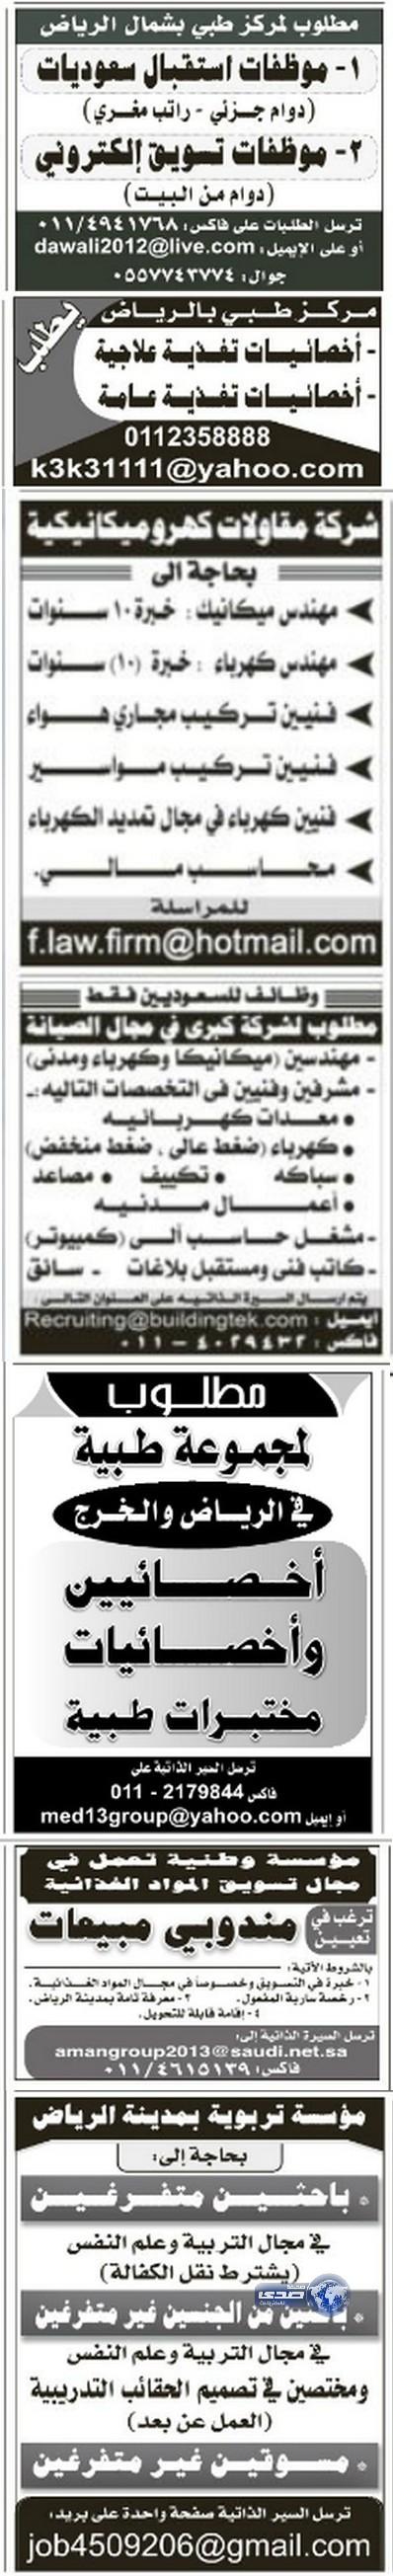 وظائف جديدة اليوم الخميس 20-3-2014 ، وظائف شاغرة 19-5-1435